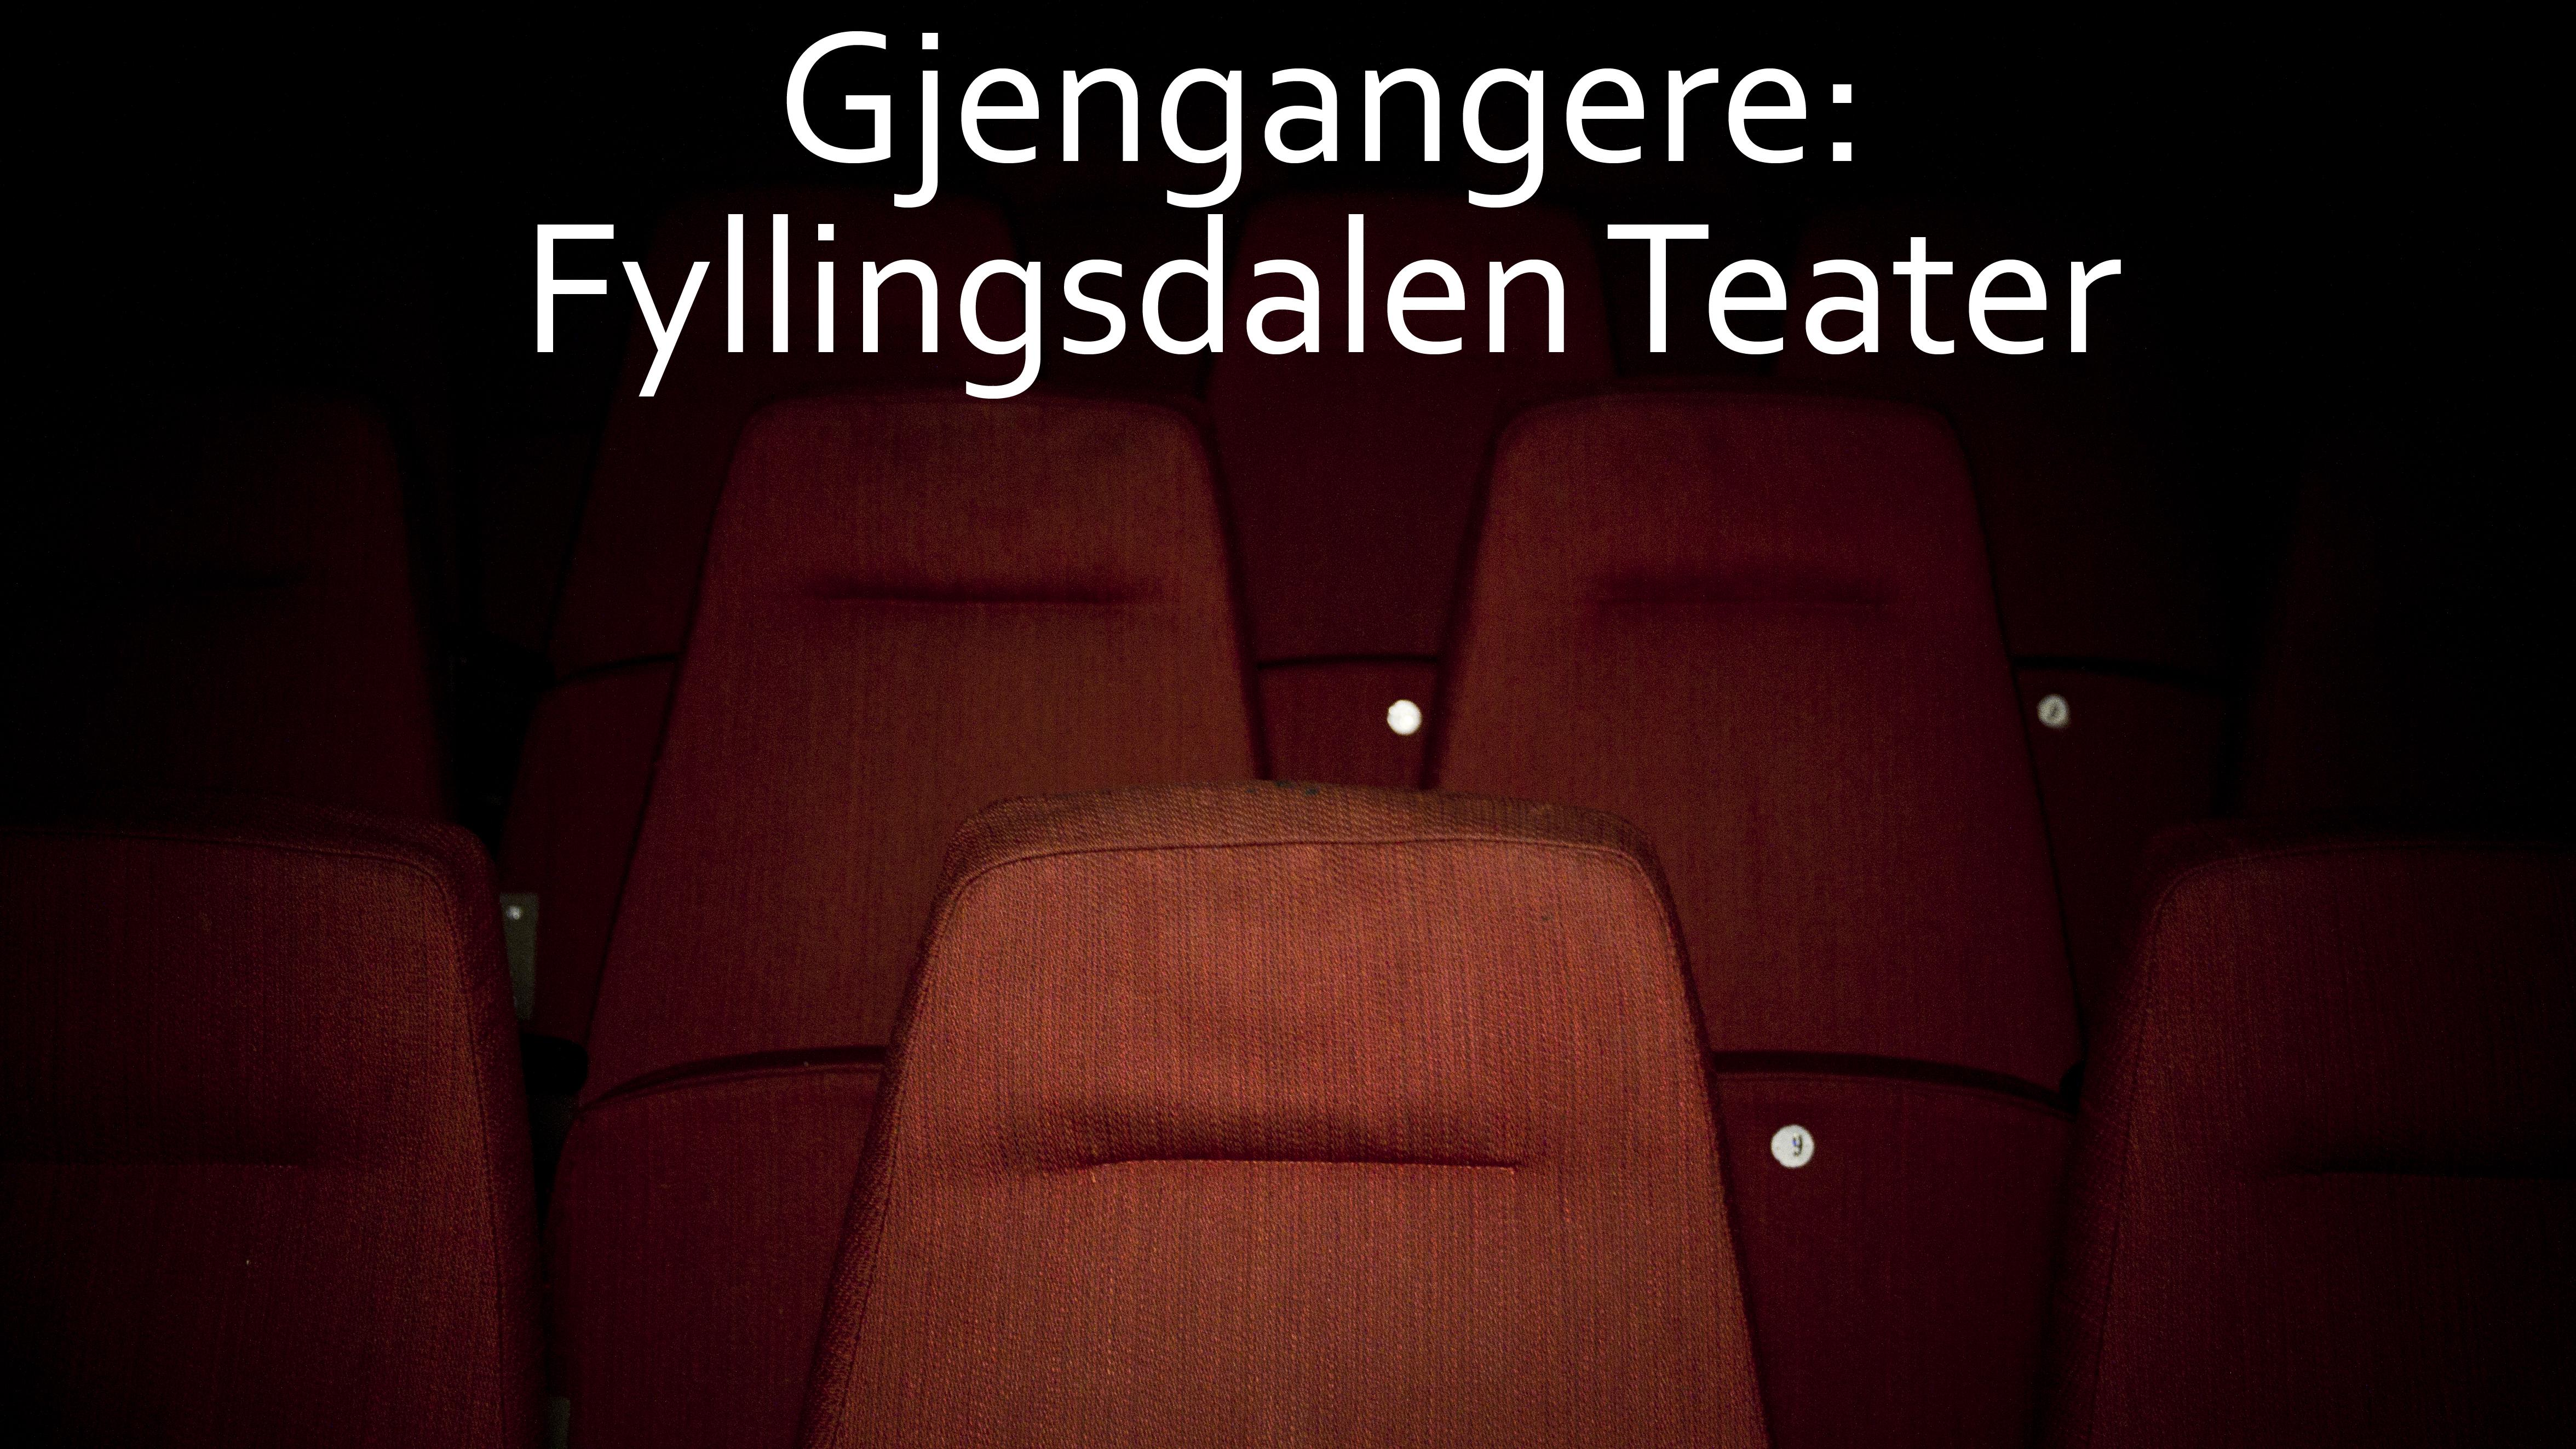 Gjengangere: Fyllingsdalen Teater